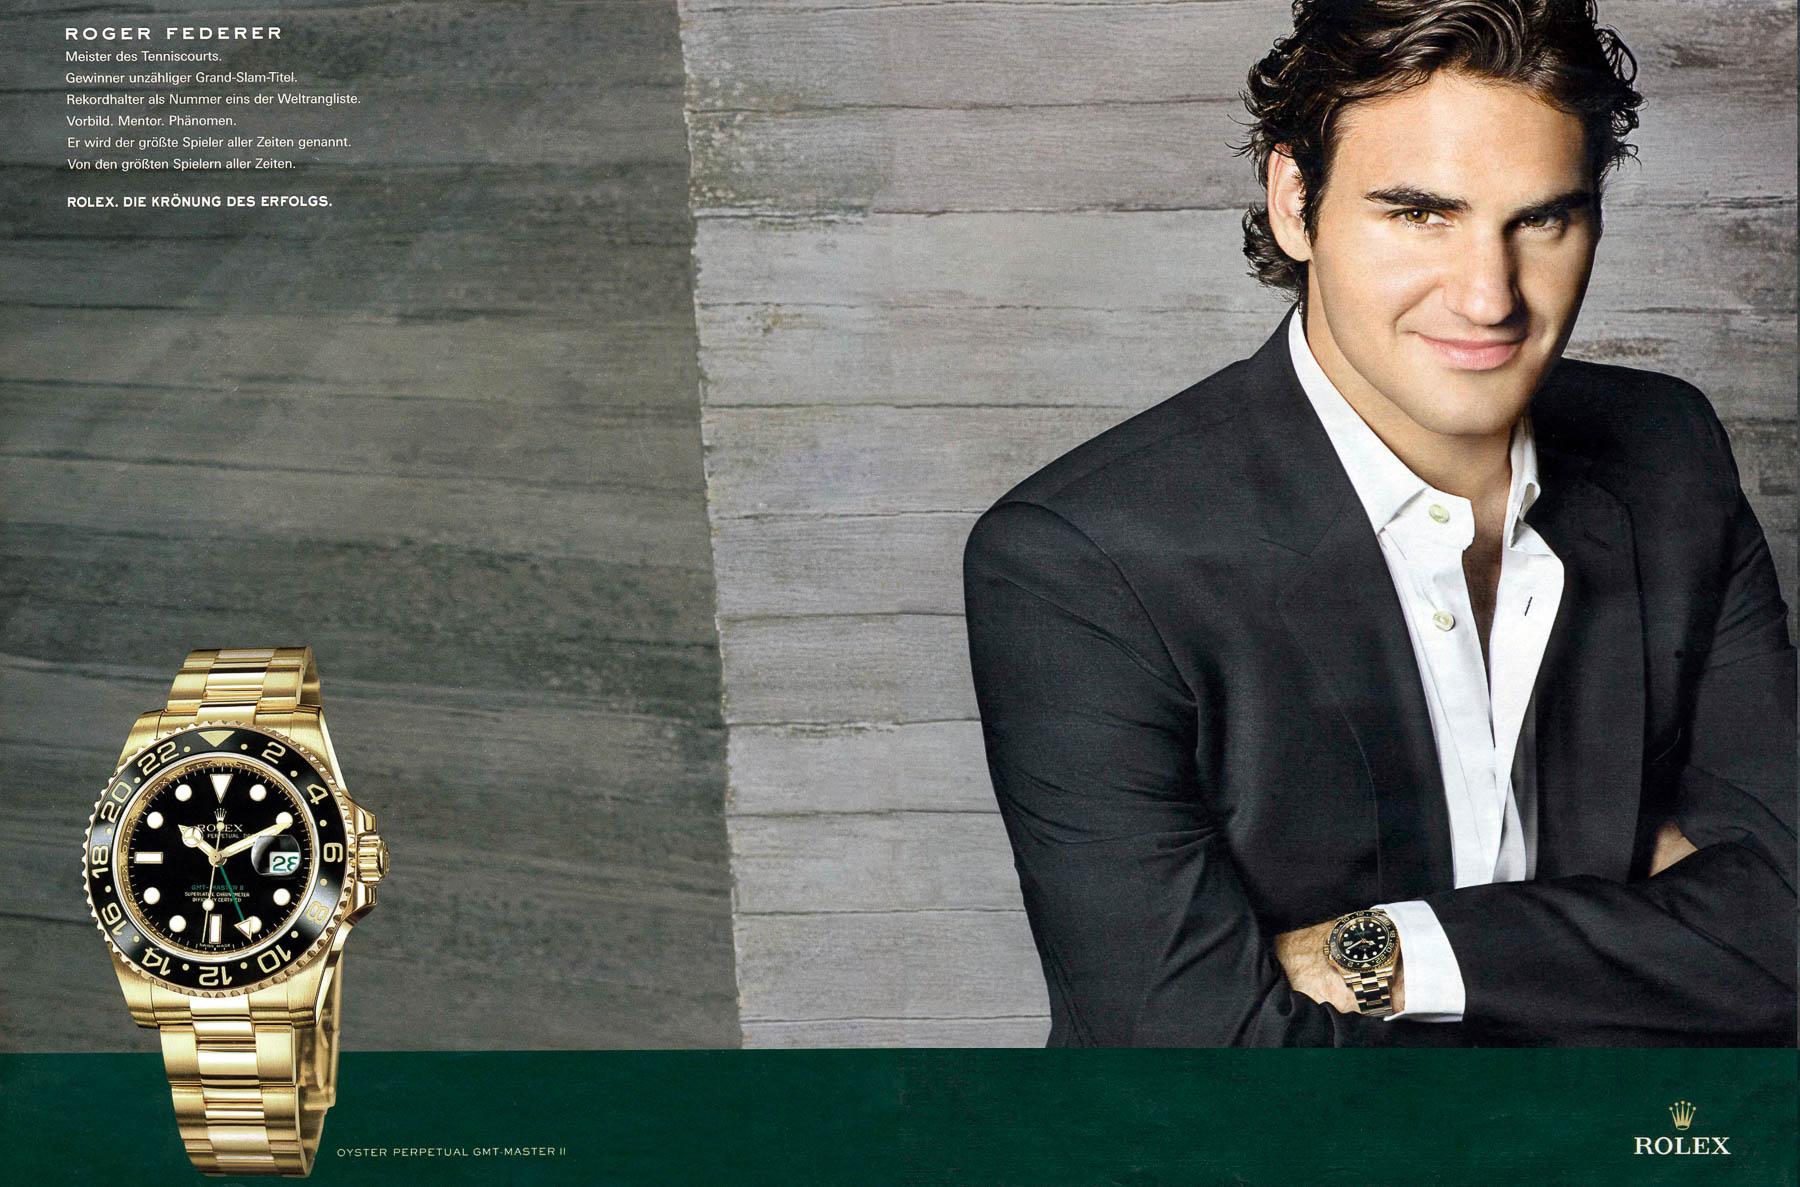 Roger Federer Rolex